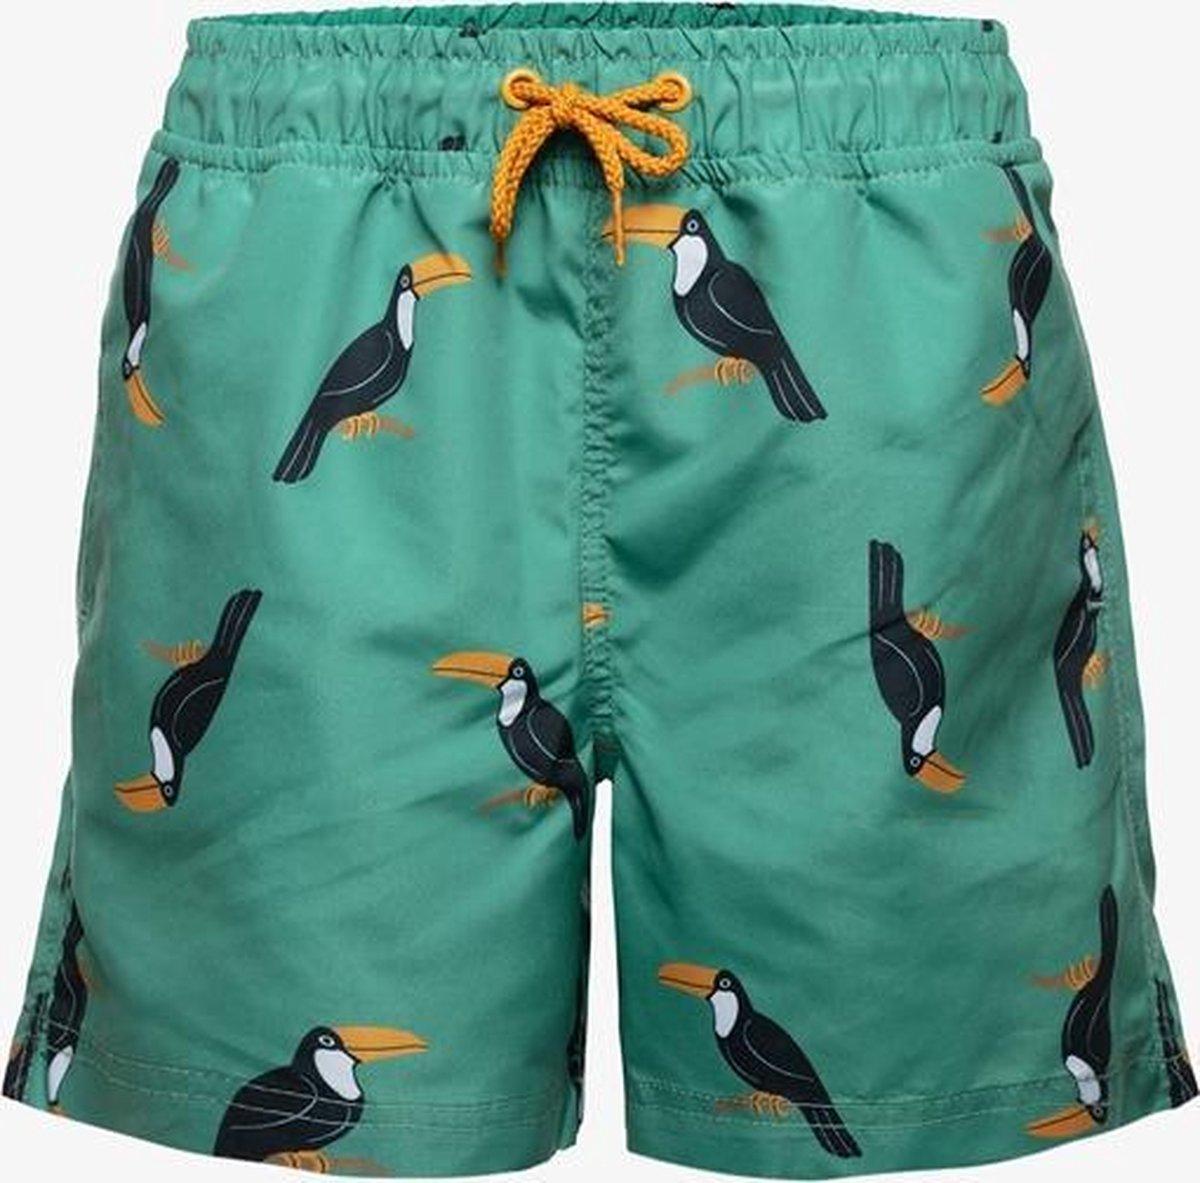 Osaga jongens zwemshort met toekan print - Groen - Maat 140